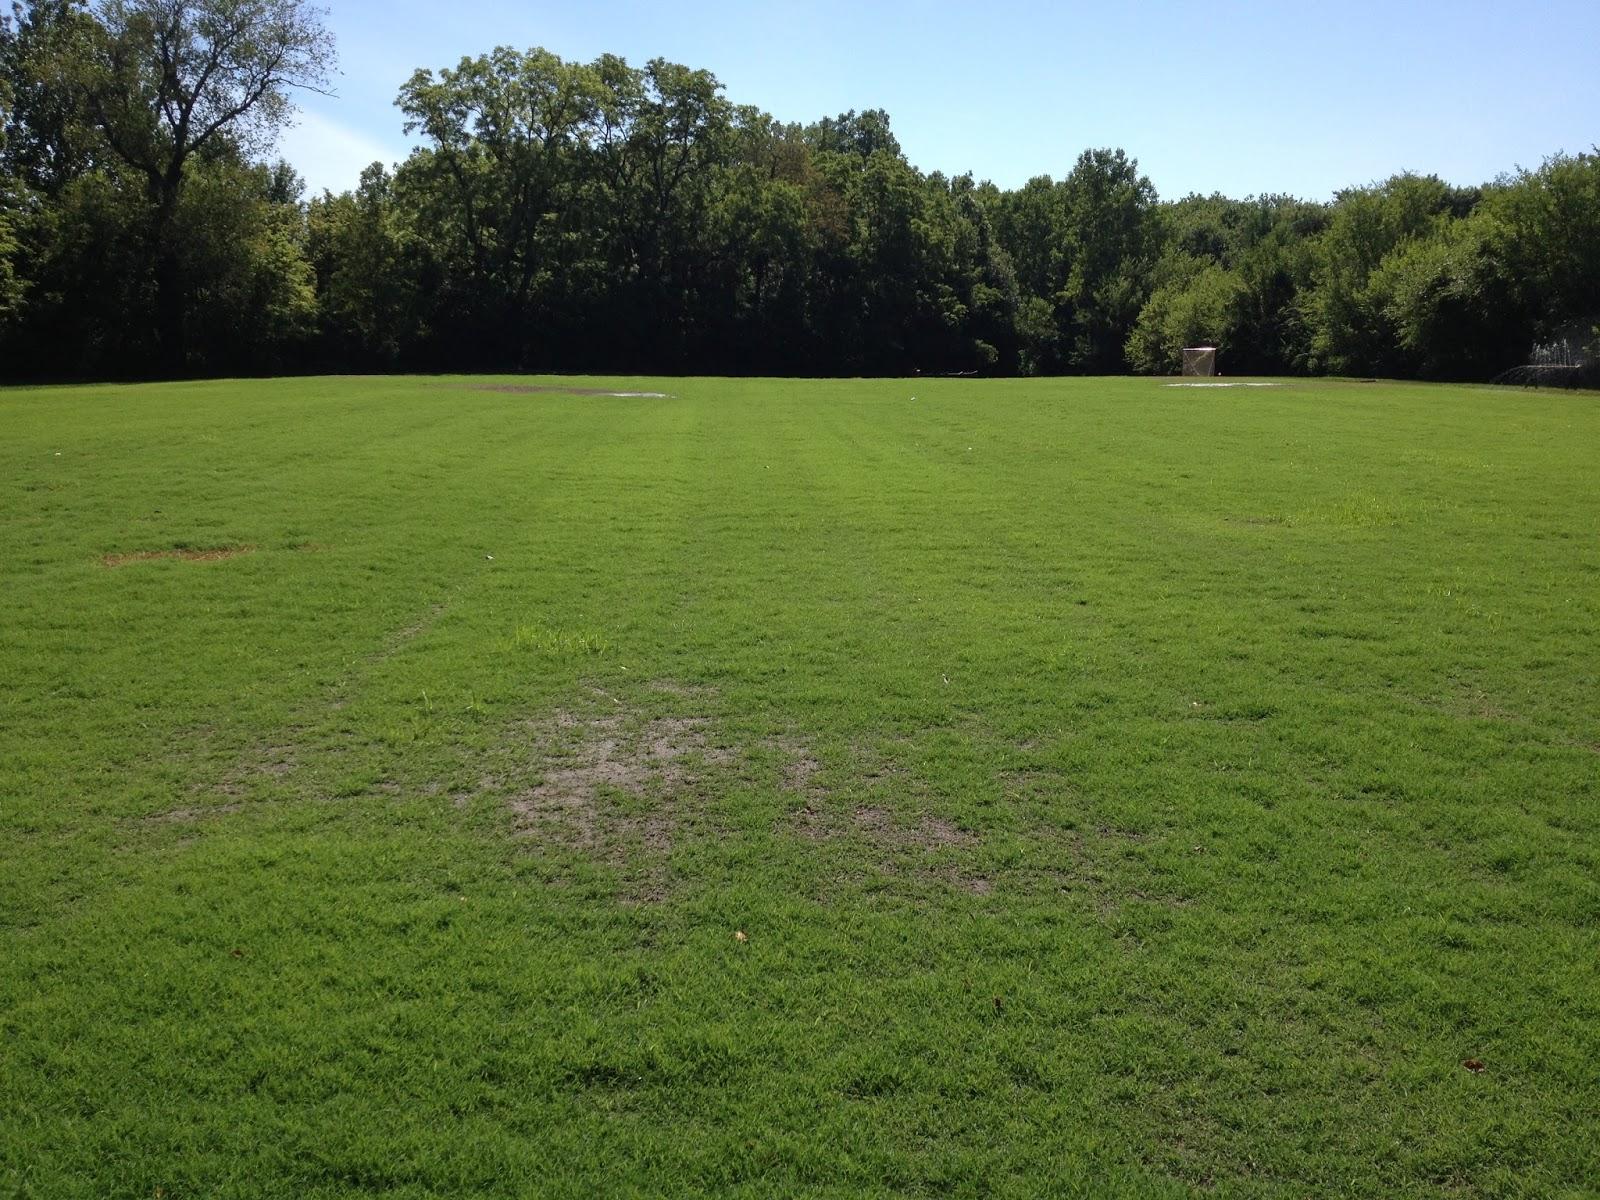 Smart Turf: Bermudagrass - Slow Germination in 2013